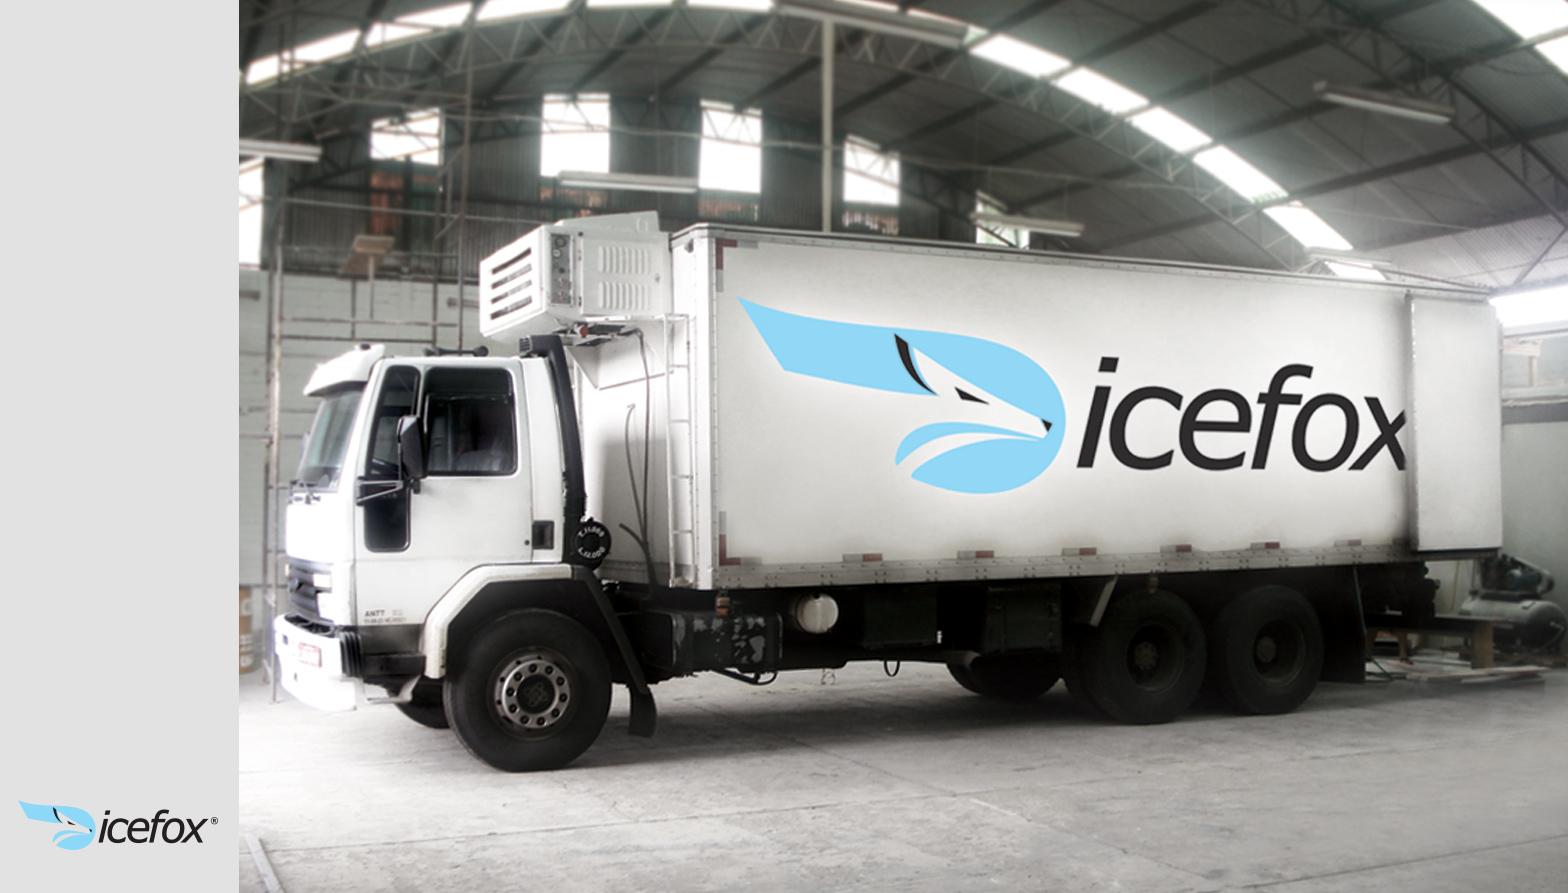 icefox logo aplicado